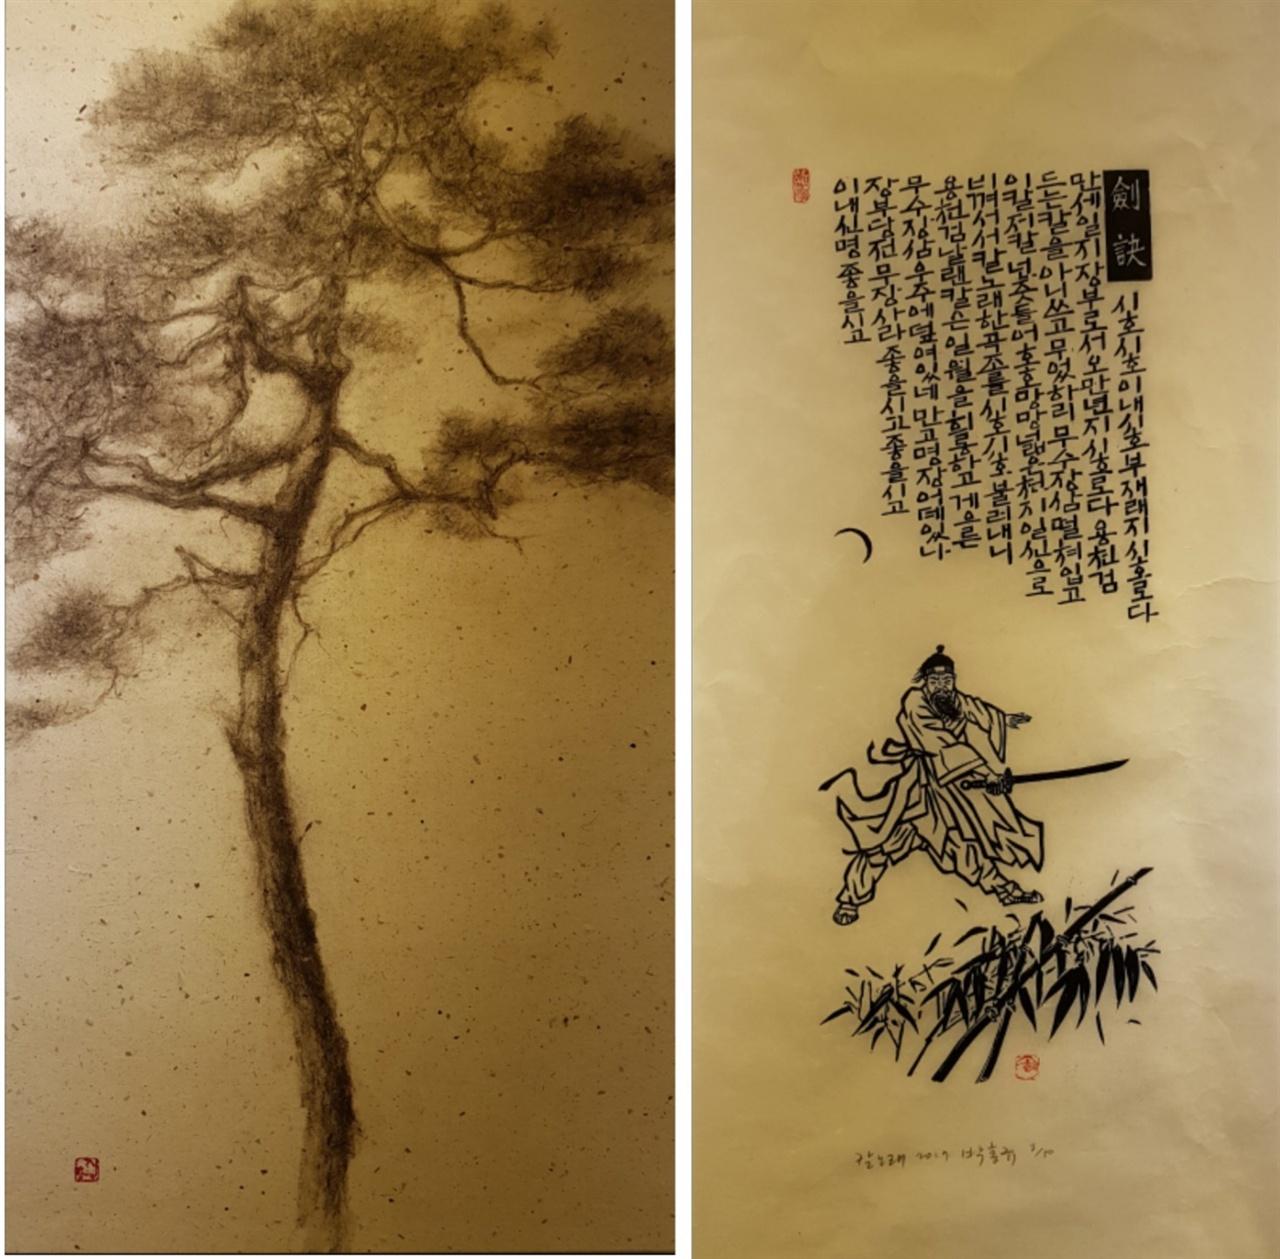 좌 : 양상용.  소나무.  52x92cm.  장지에 수묵 / 우 : 박홍규,  칼노래(검결). 38x95cm. 목판화